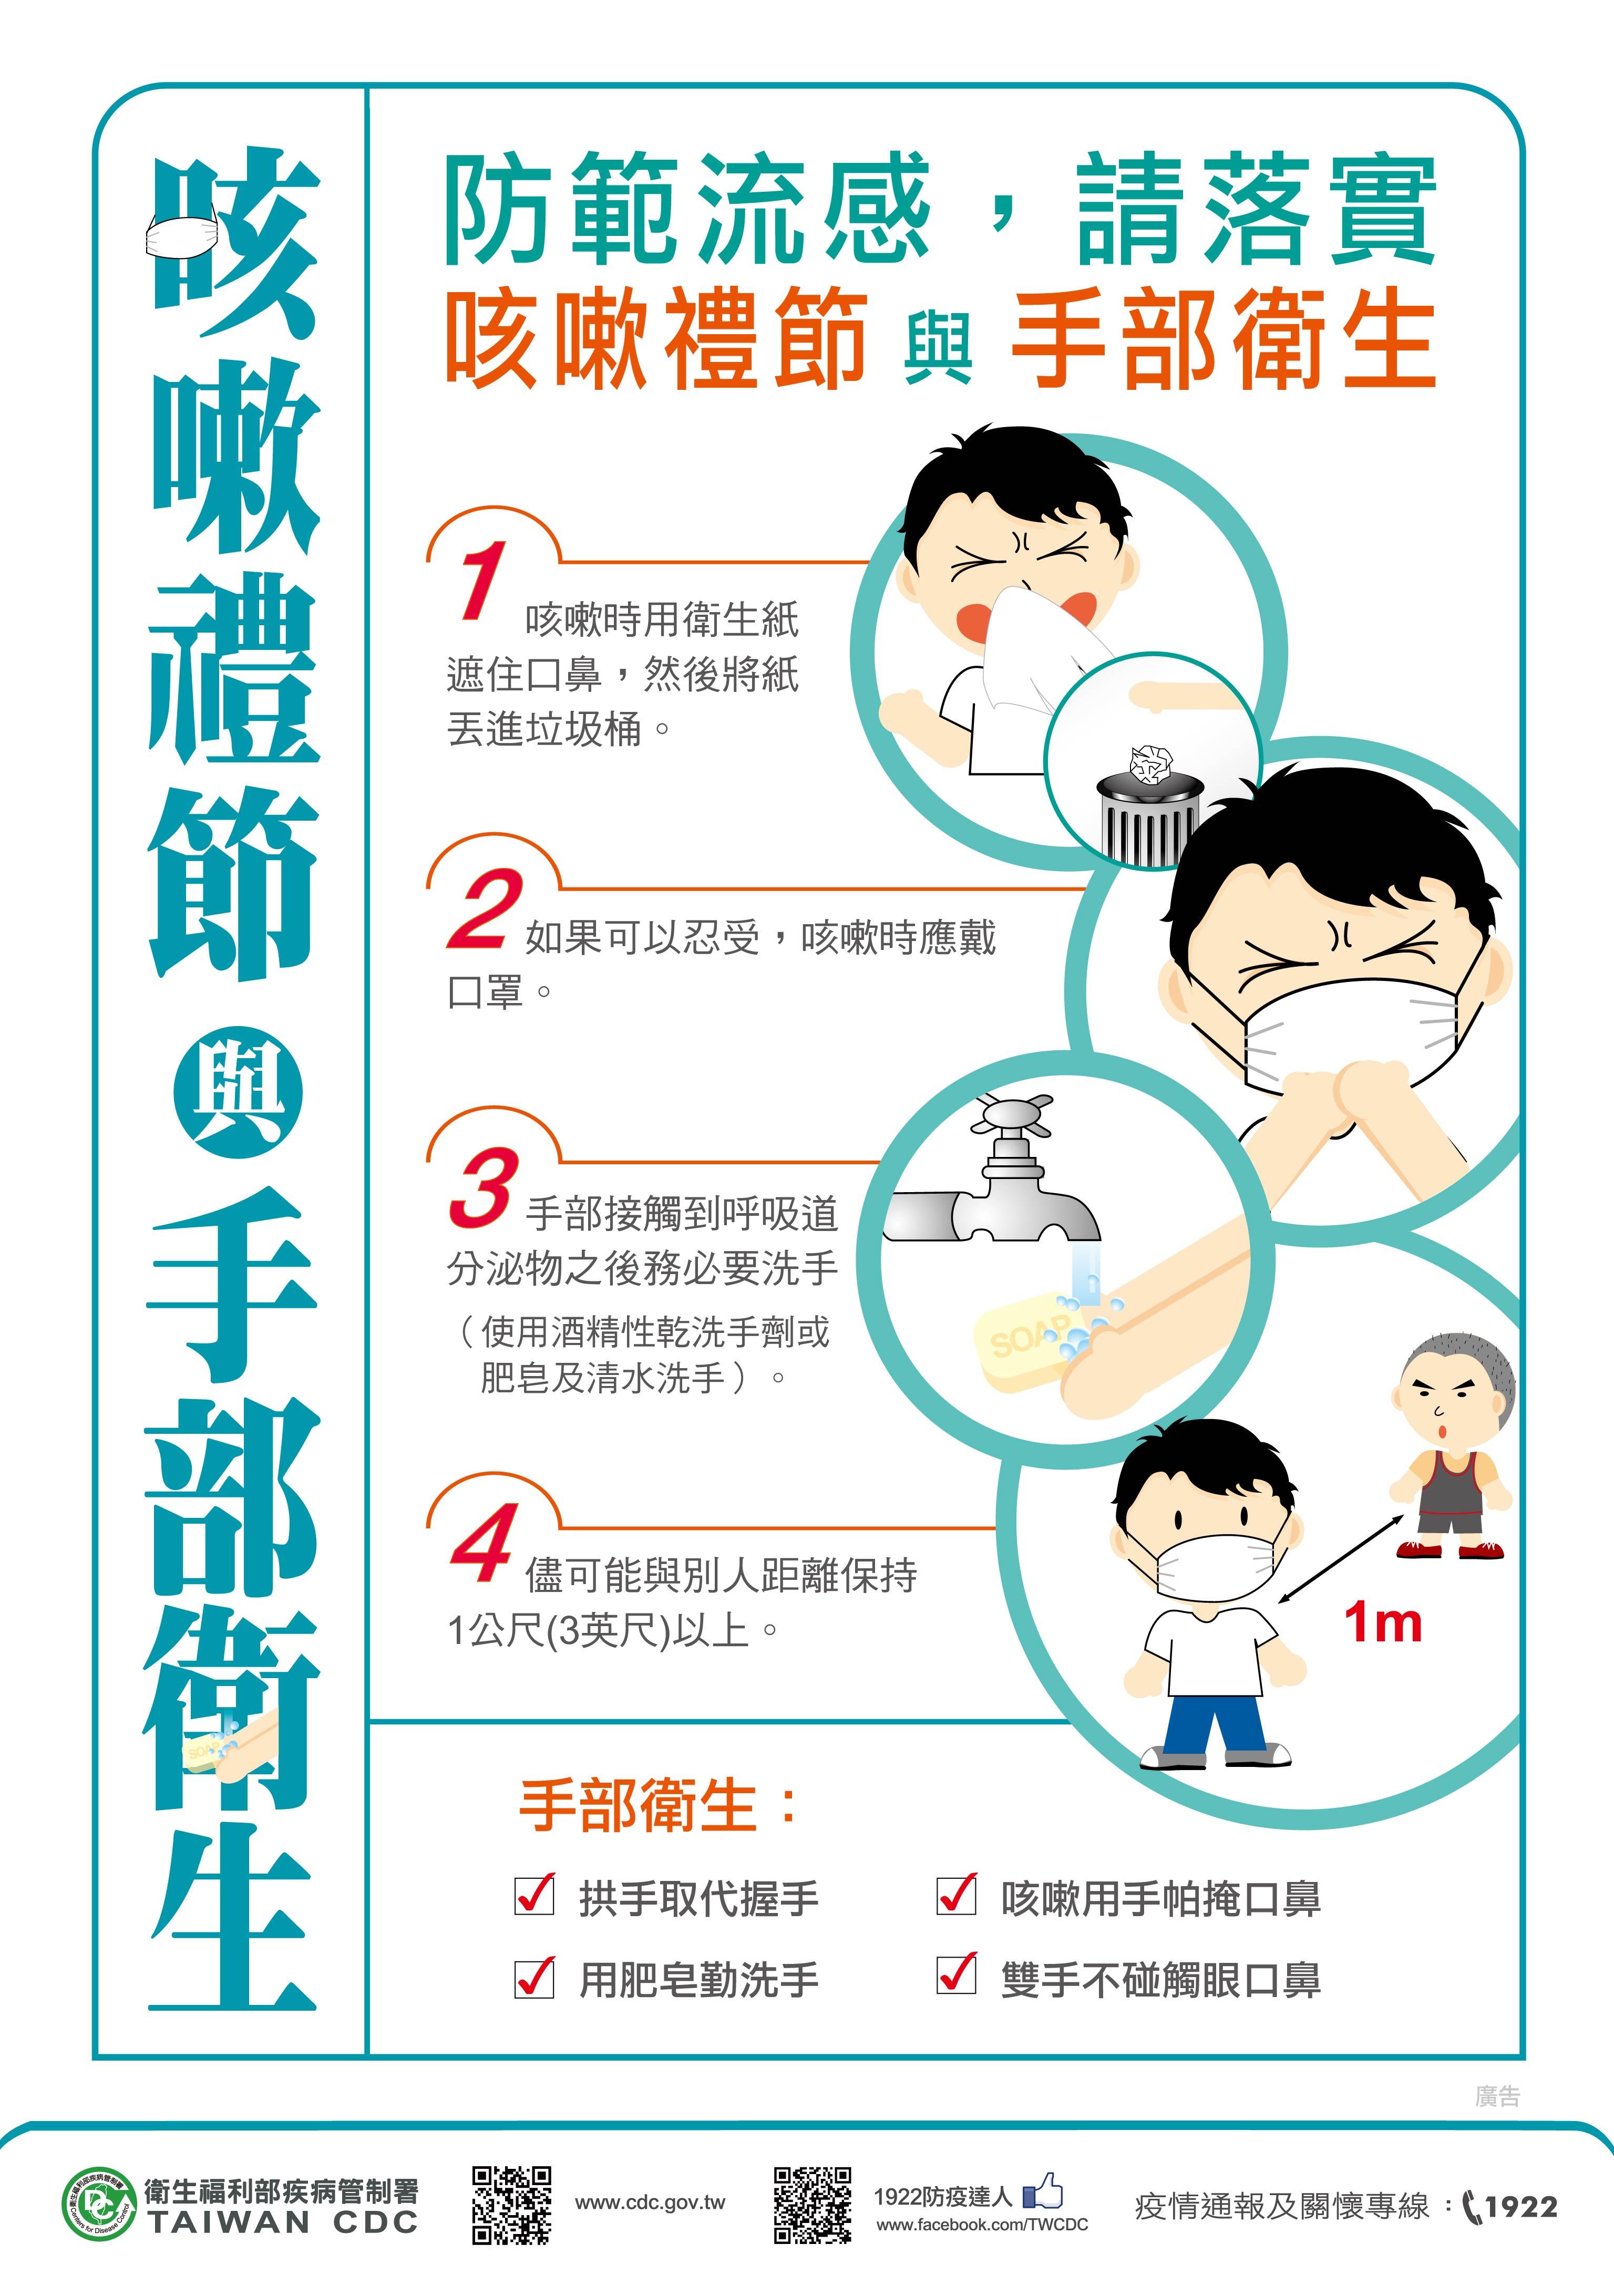 呼吸道衛生與咳嗽禮節